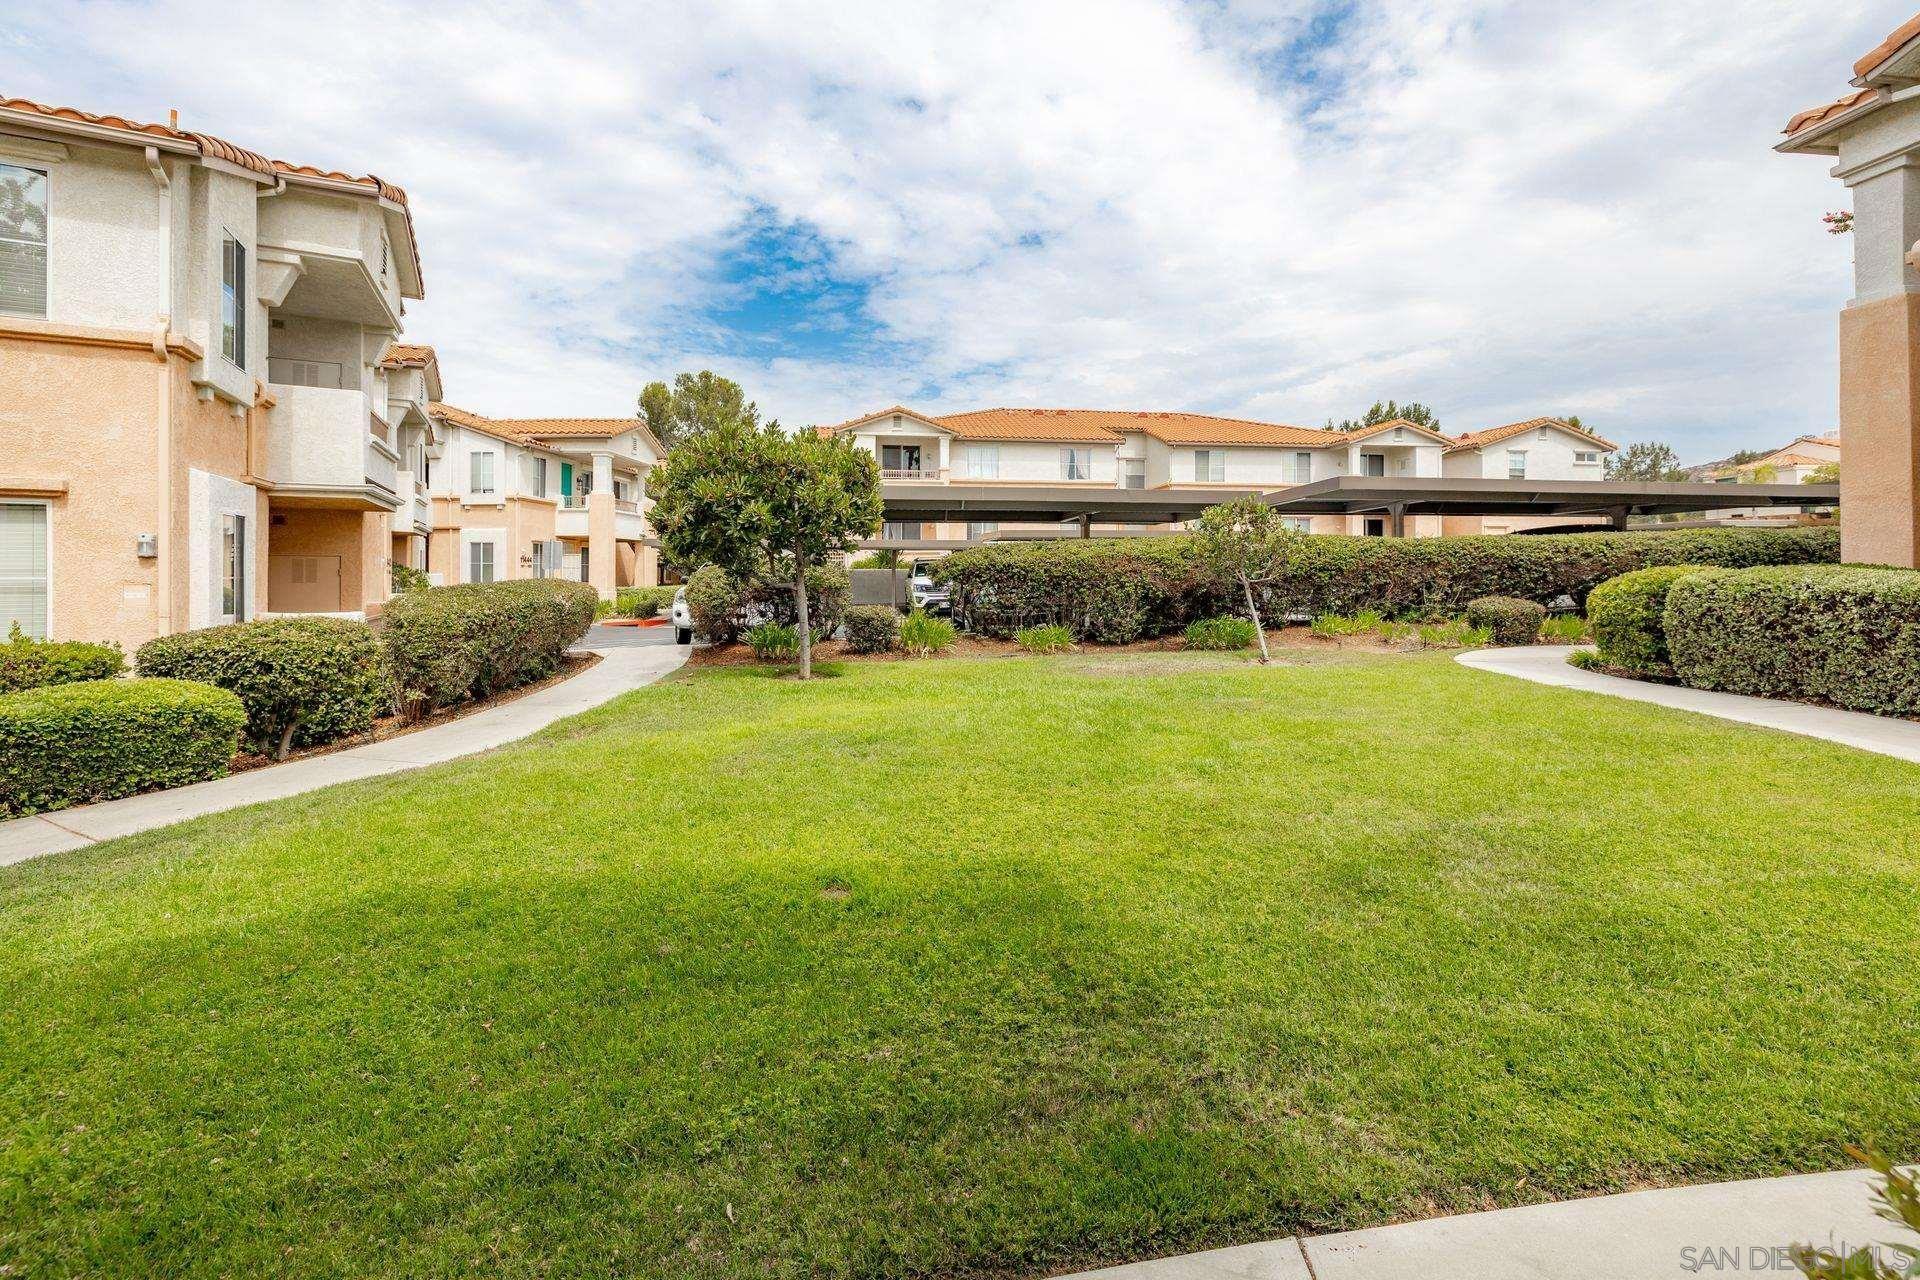 Photo of 11448 Via Rancho San Diego #180, El Cajon, CA 92019 (MLS # 210021143)